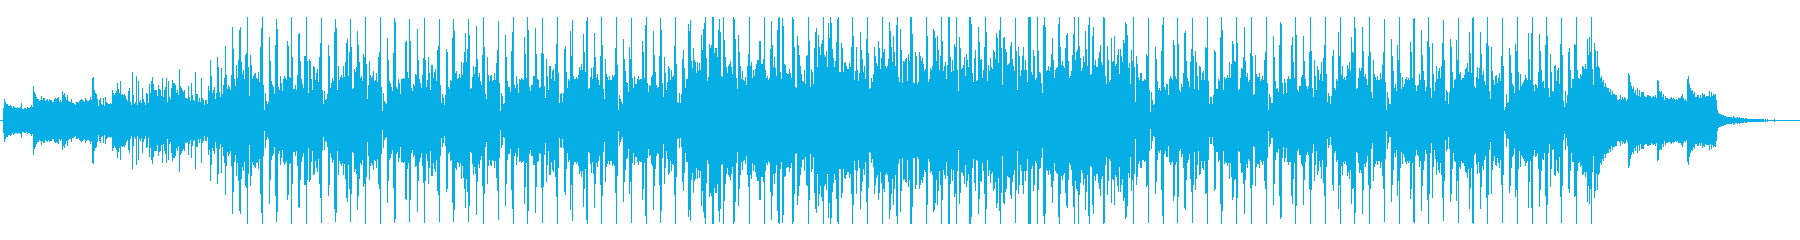 暗い 森の中 霧 R&B ヒップホップの再生済みの波形